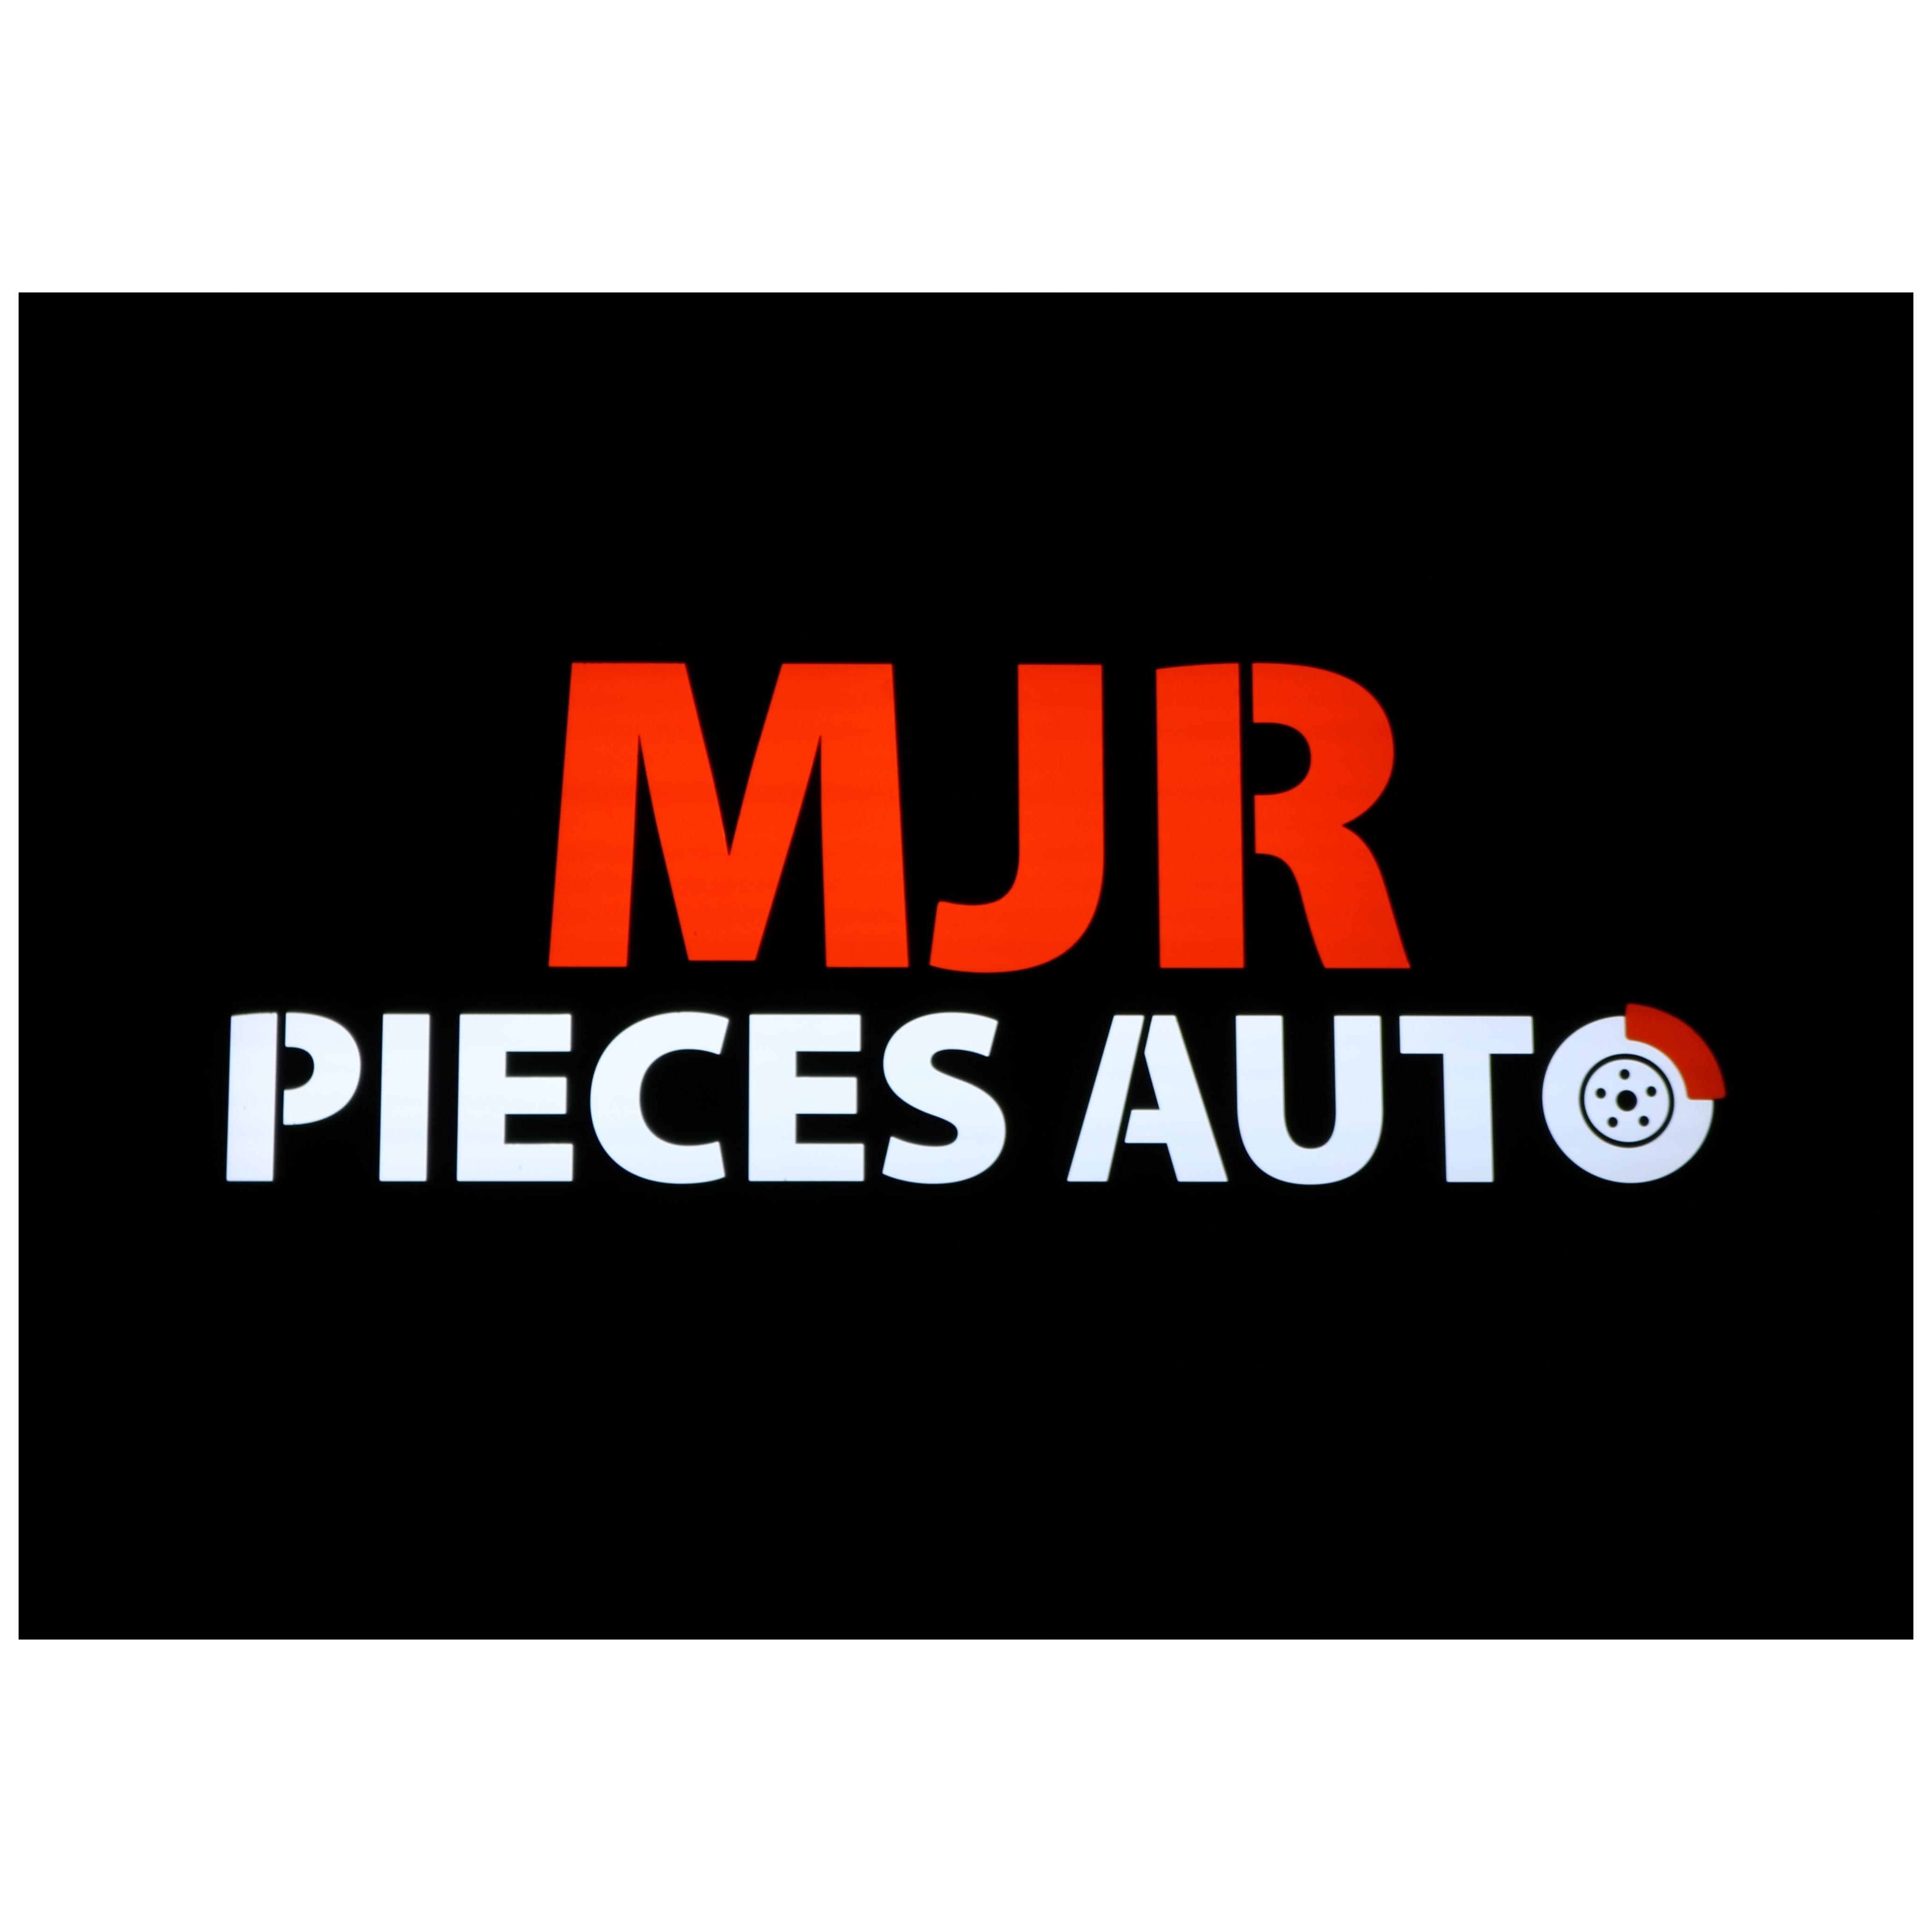 Mjr Pieces Auto